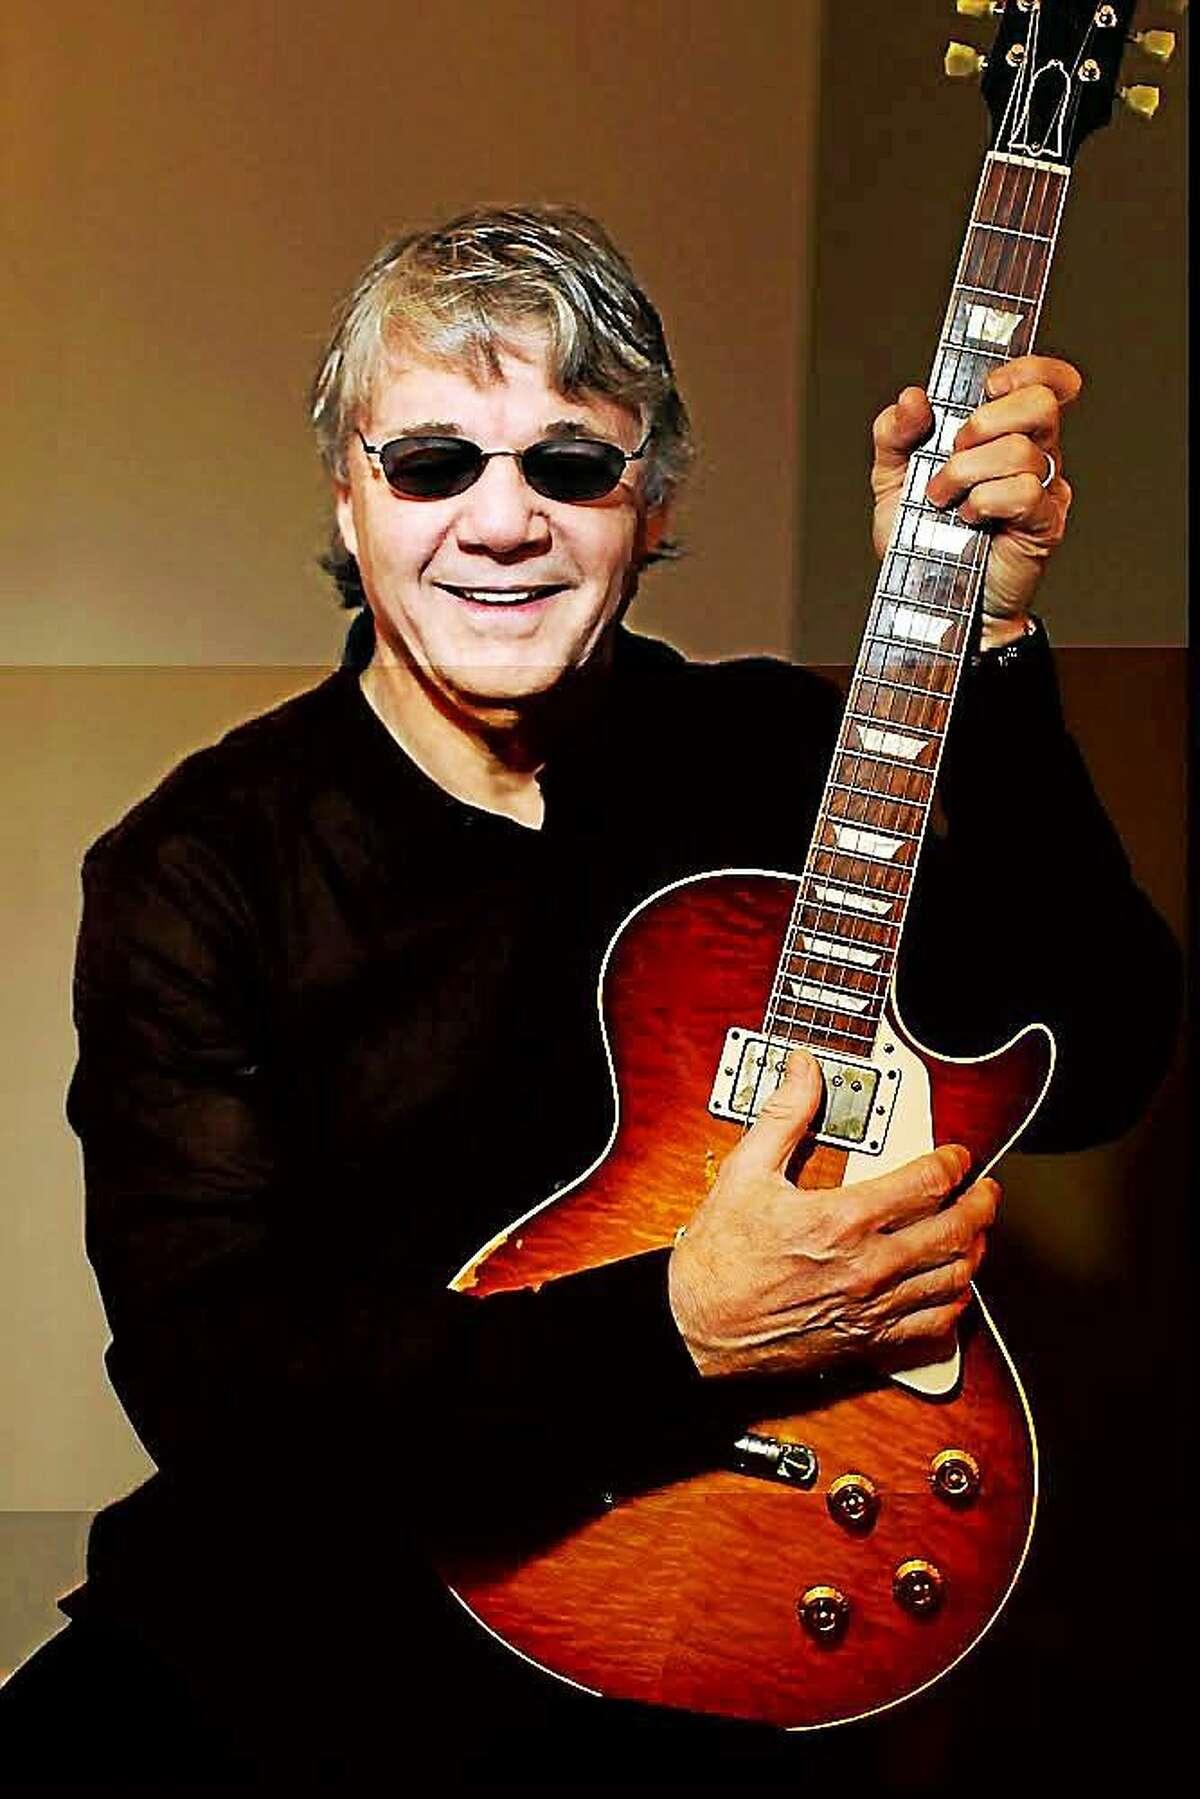 Steve Miller of the Steve Miller Band.